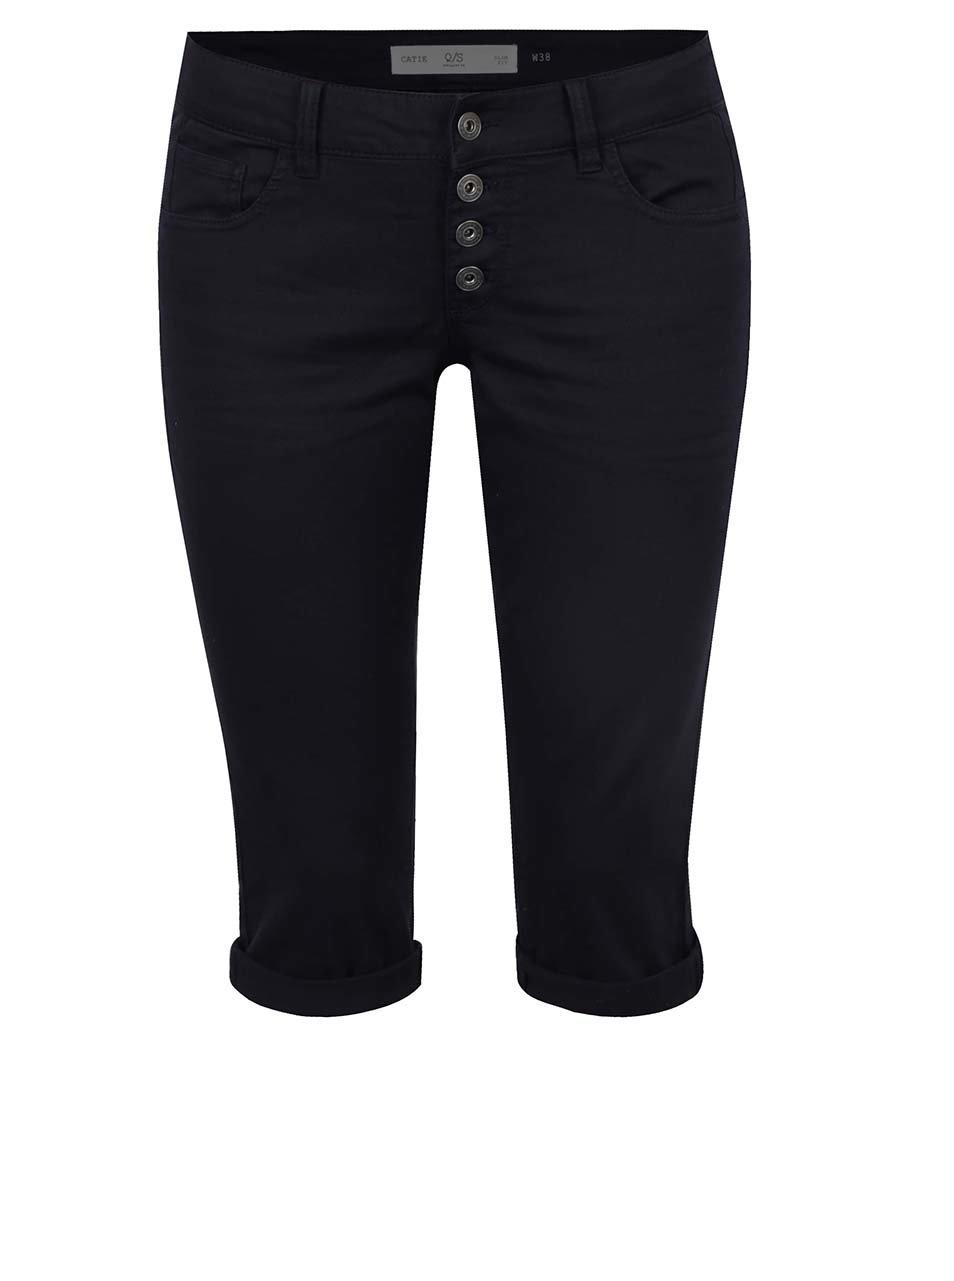 Tmavě modré dámské 3/4 slim fit kalhoty s nízkým pasem QS by s.Oliver